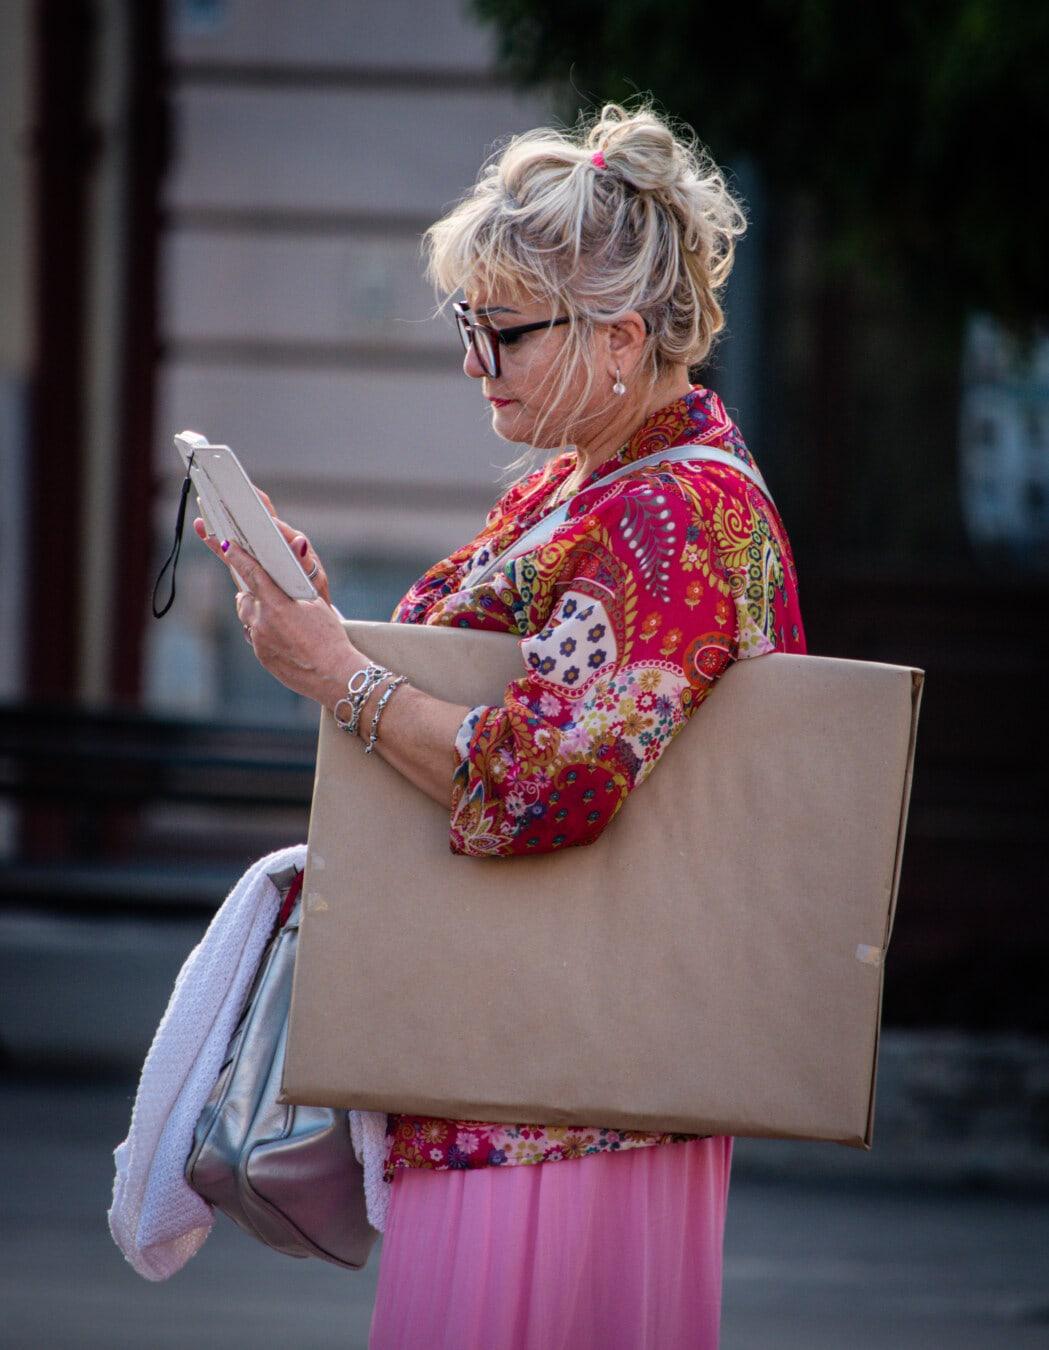 lunettes de vue, femme d'affaires, sac à main, téléphone portable, personne, femme, gens, portrait, jeune fille, Loisirs